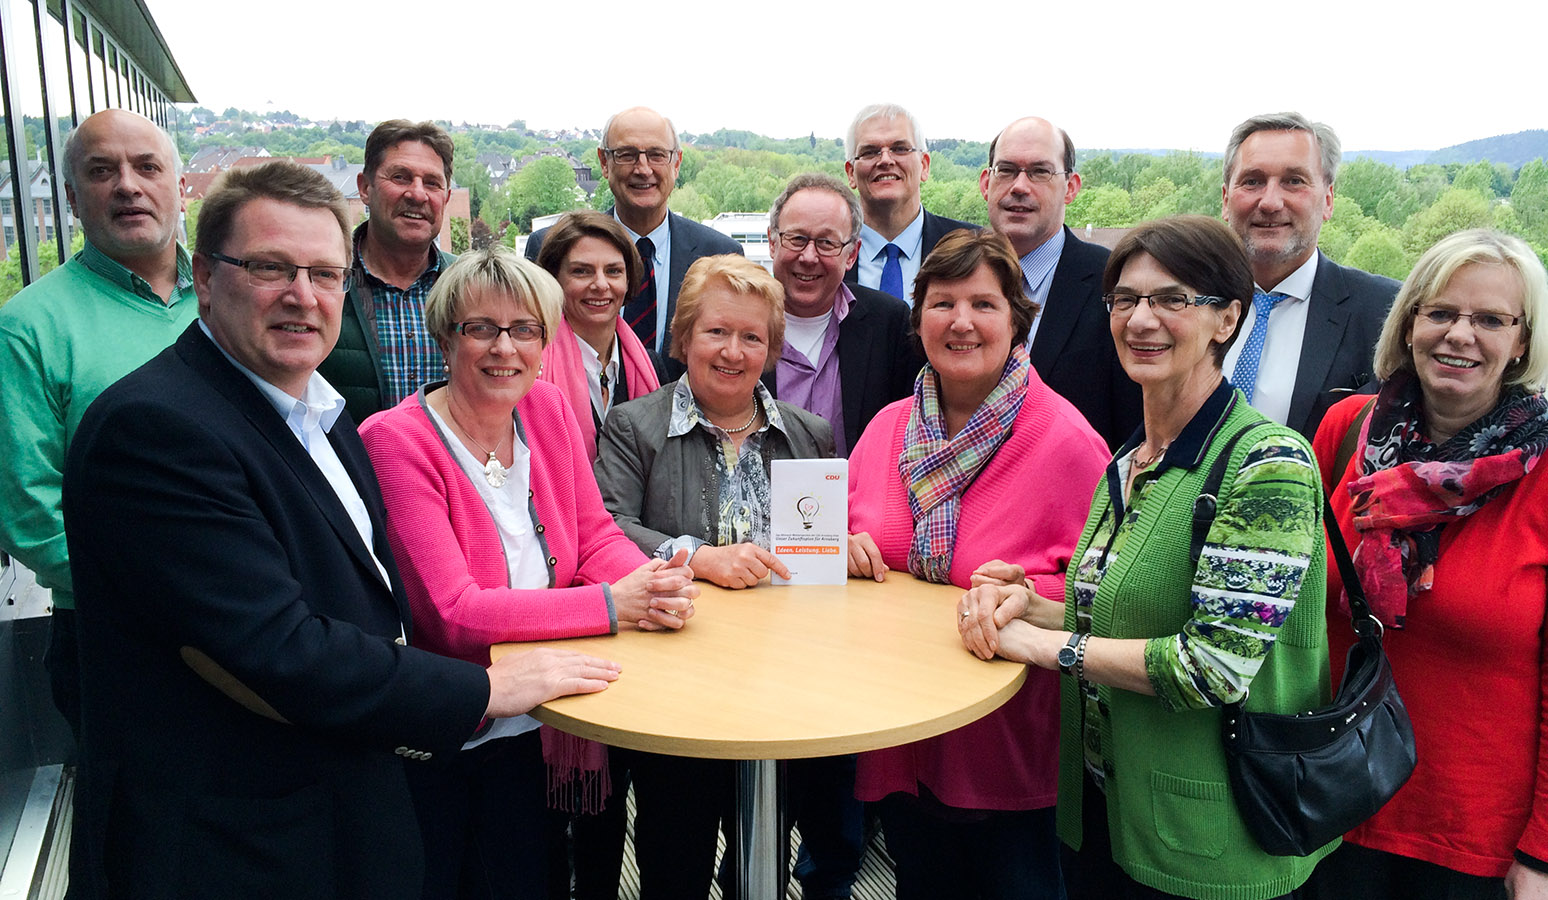 """CDU und Bürgermeisterkandidat Hans-Josef Vogel stellten jetzt ihr """"Mitmach-Wahlprogramm"""" vor: """"Ideen. Leistung. Liebe"""". (Foto: CDU)"""